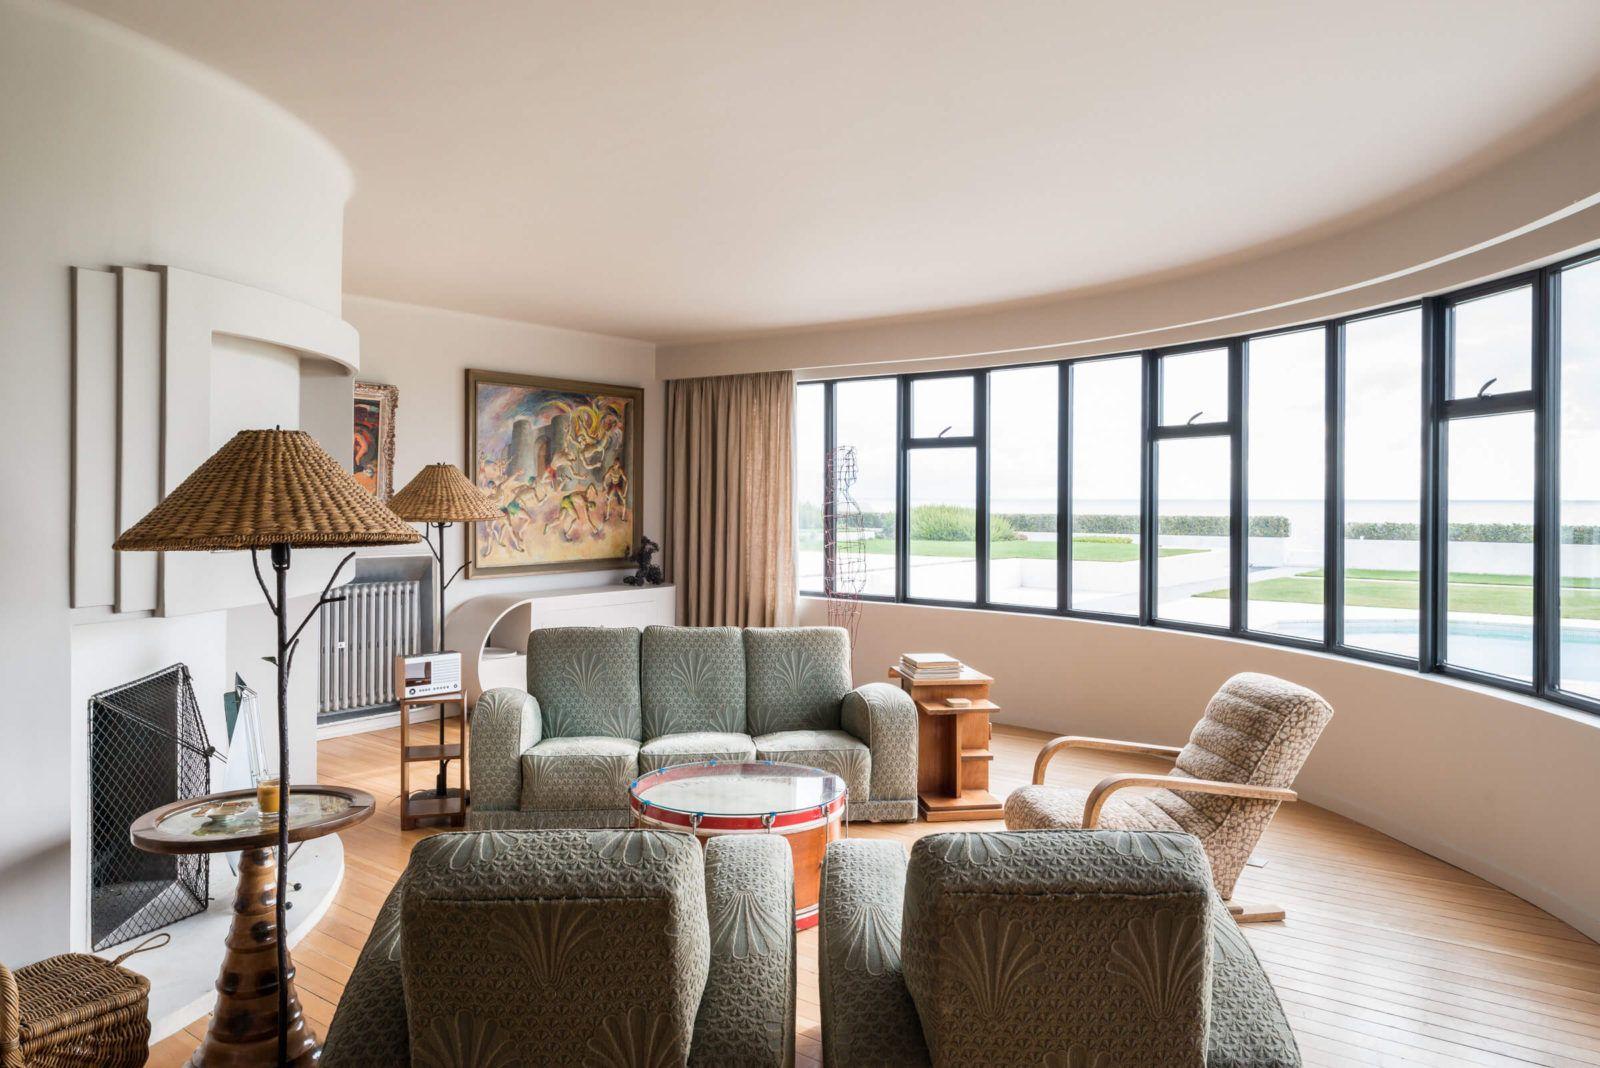 Image result for streamline moderne house   Interiors   Pinterest ...